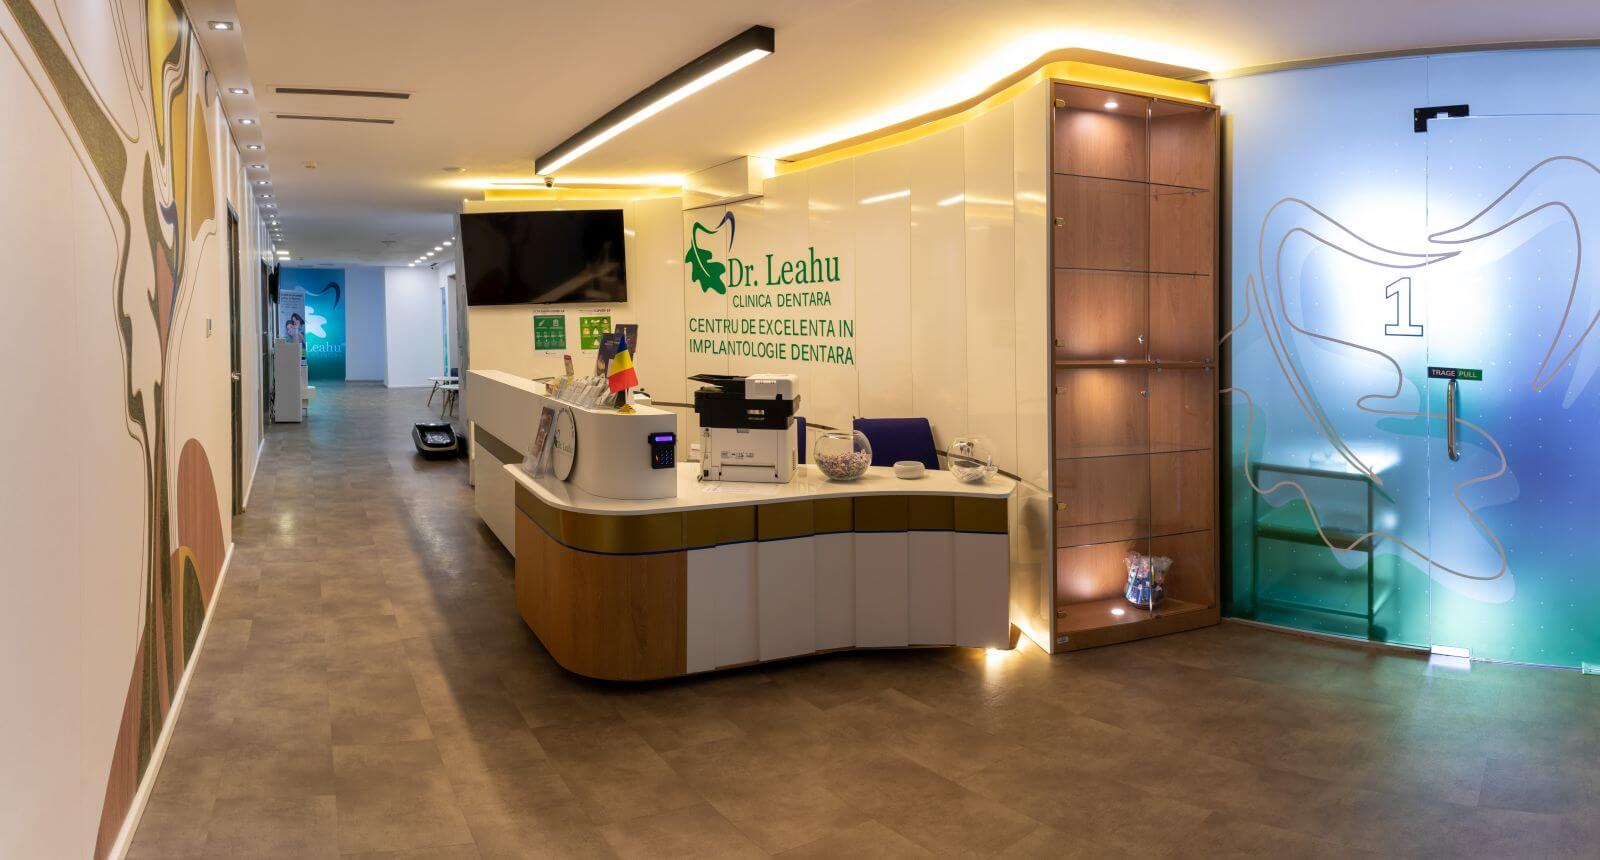 Receptia din Centrul de Excelență în Implantologie Dentară Dr. Leahu Rin Grand Hotel, Clinica stomatologica sector 4 Bucuresti